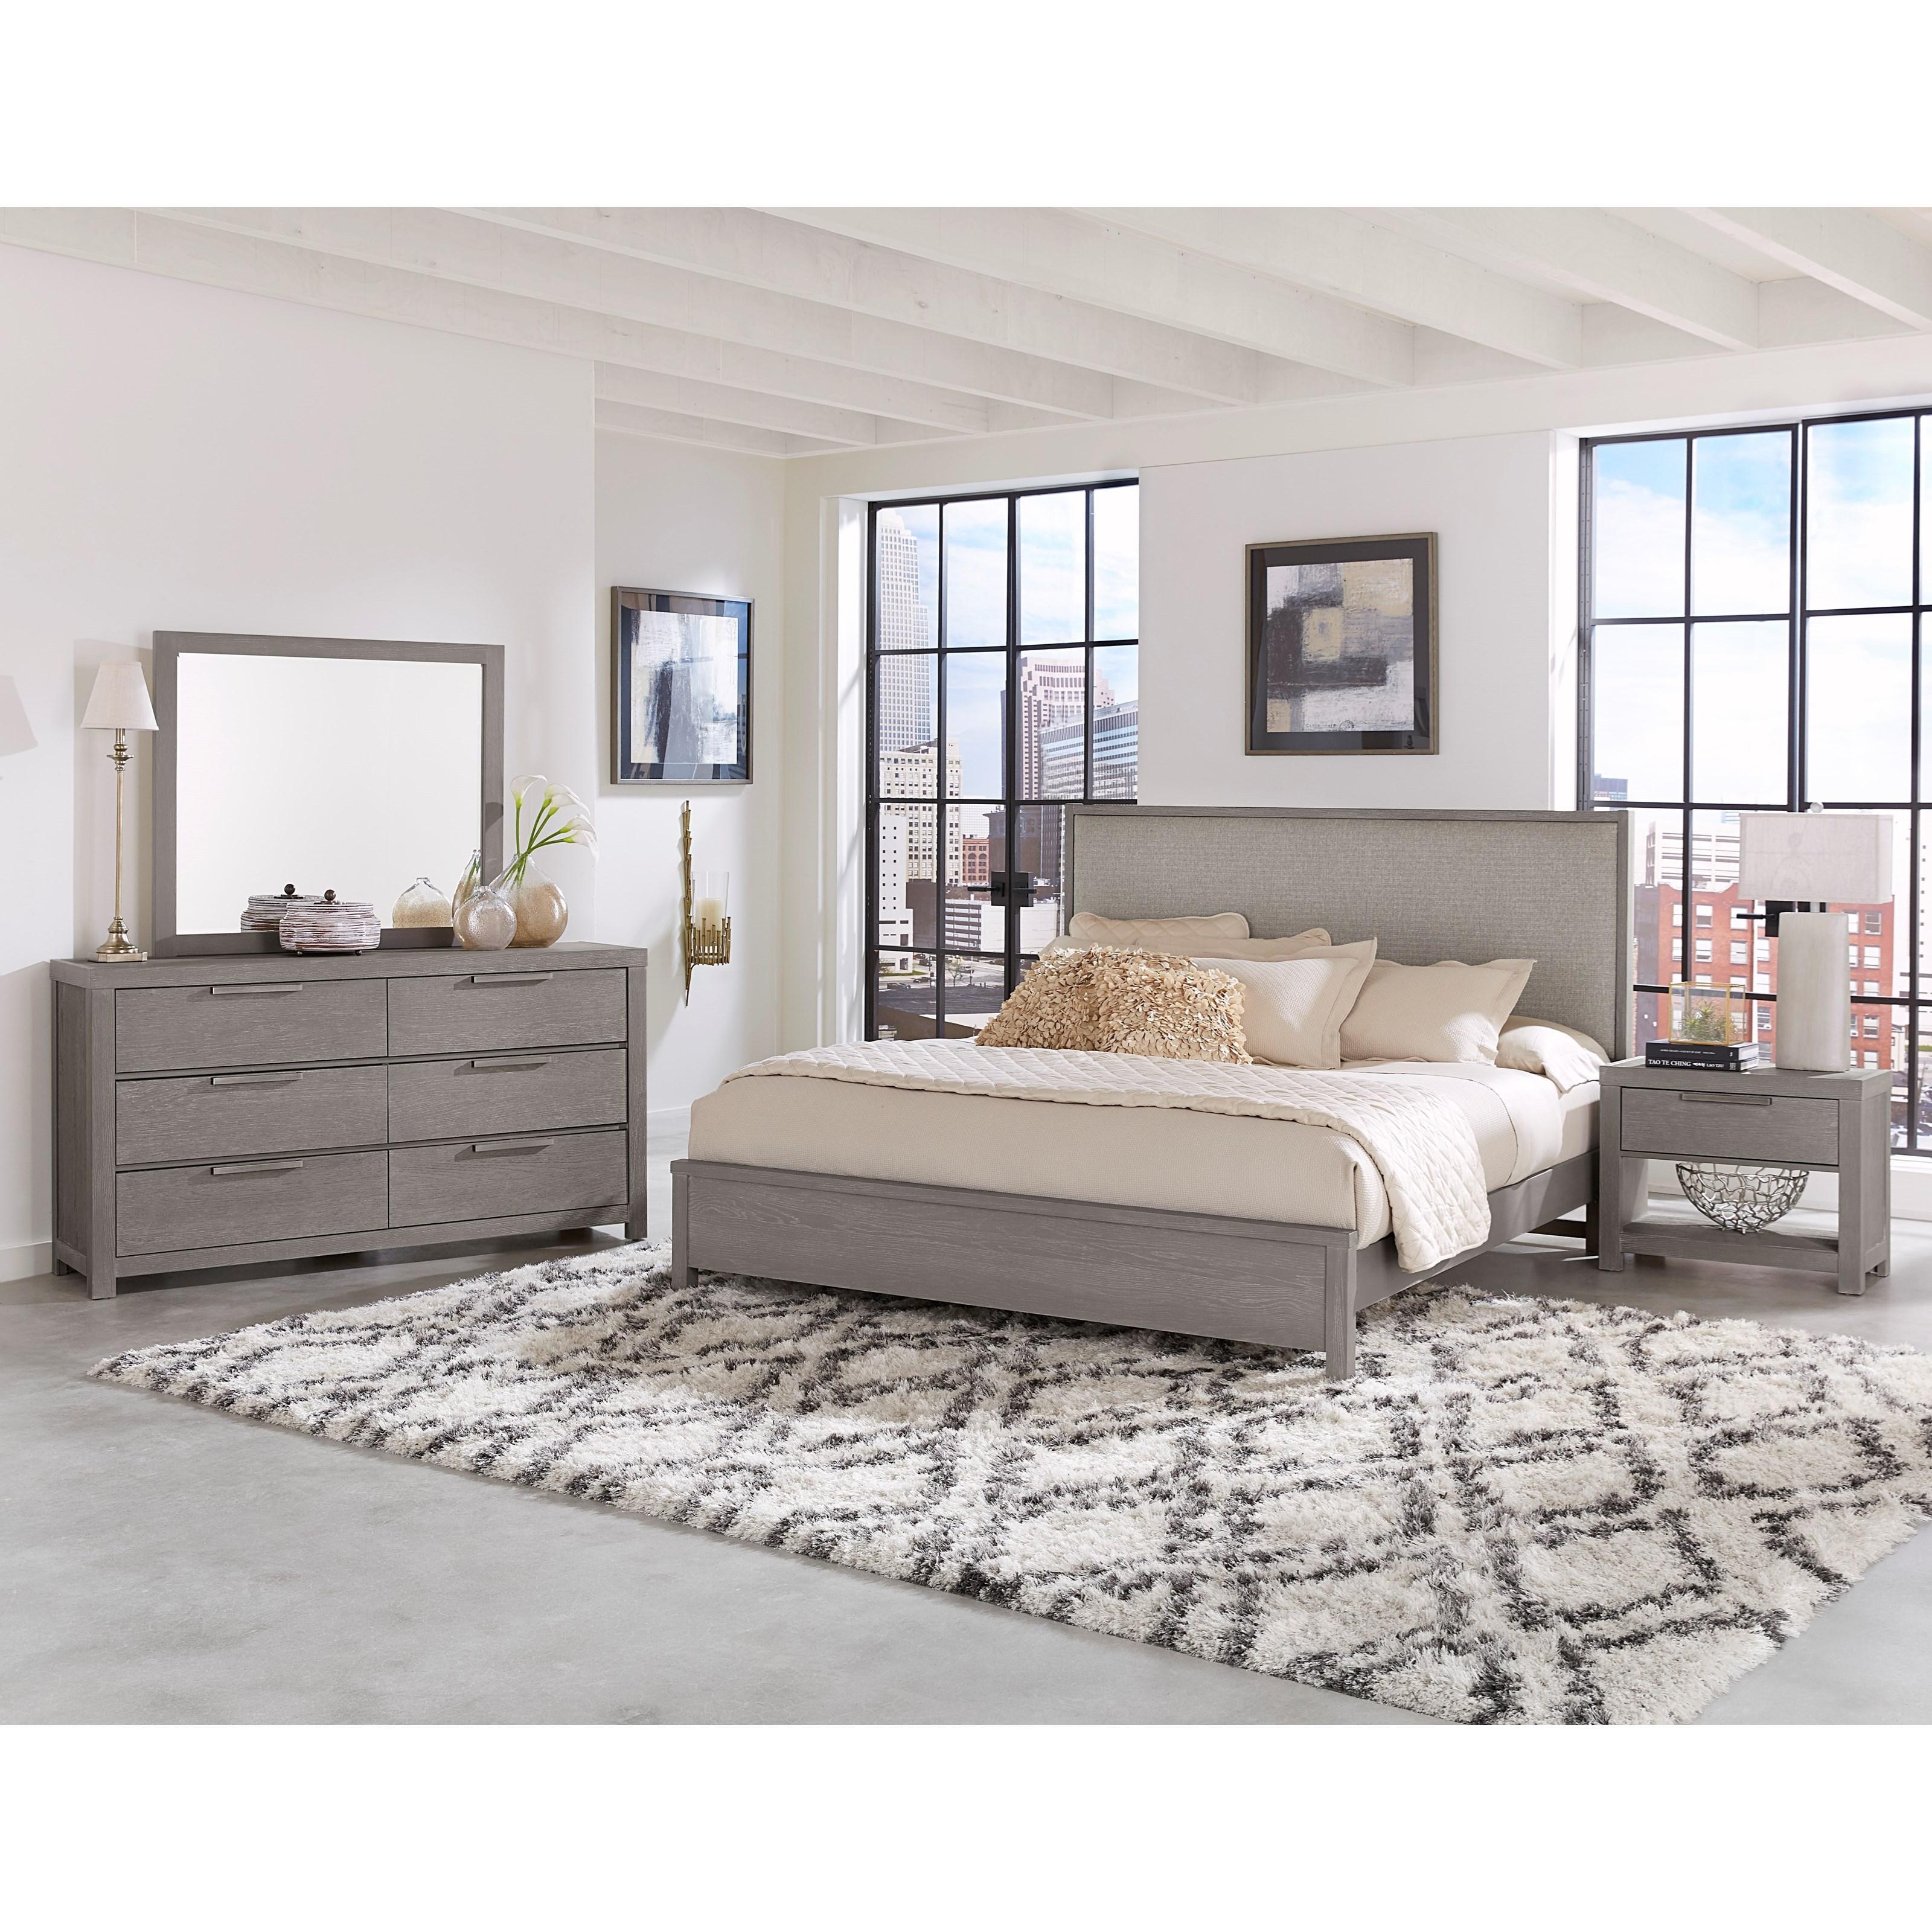 Vaughan bassett american modern king bedroom group for Bedroom groups